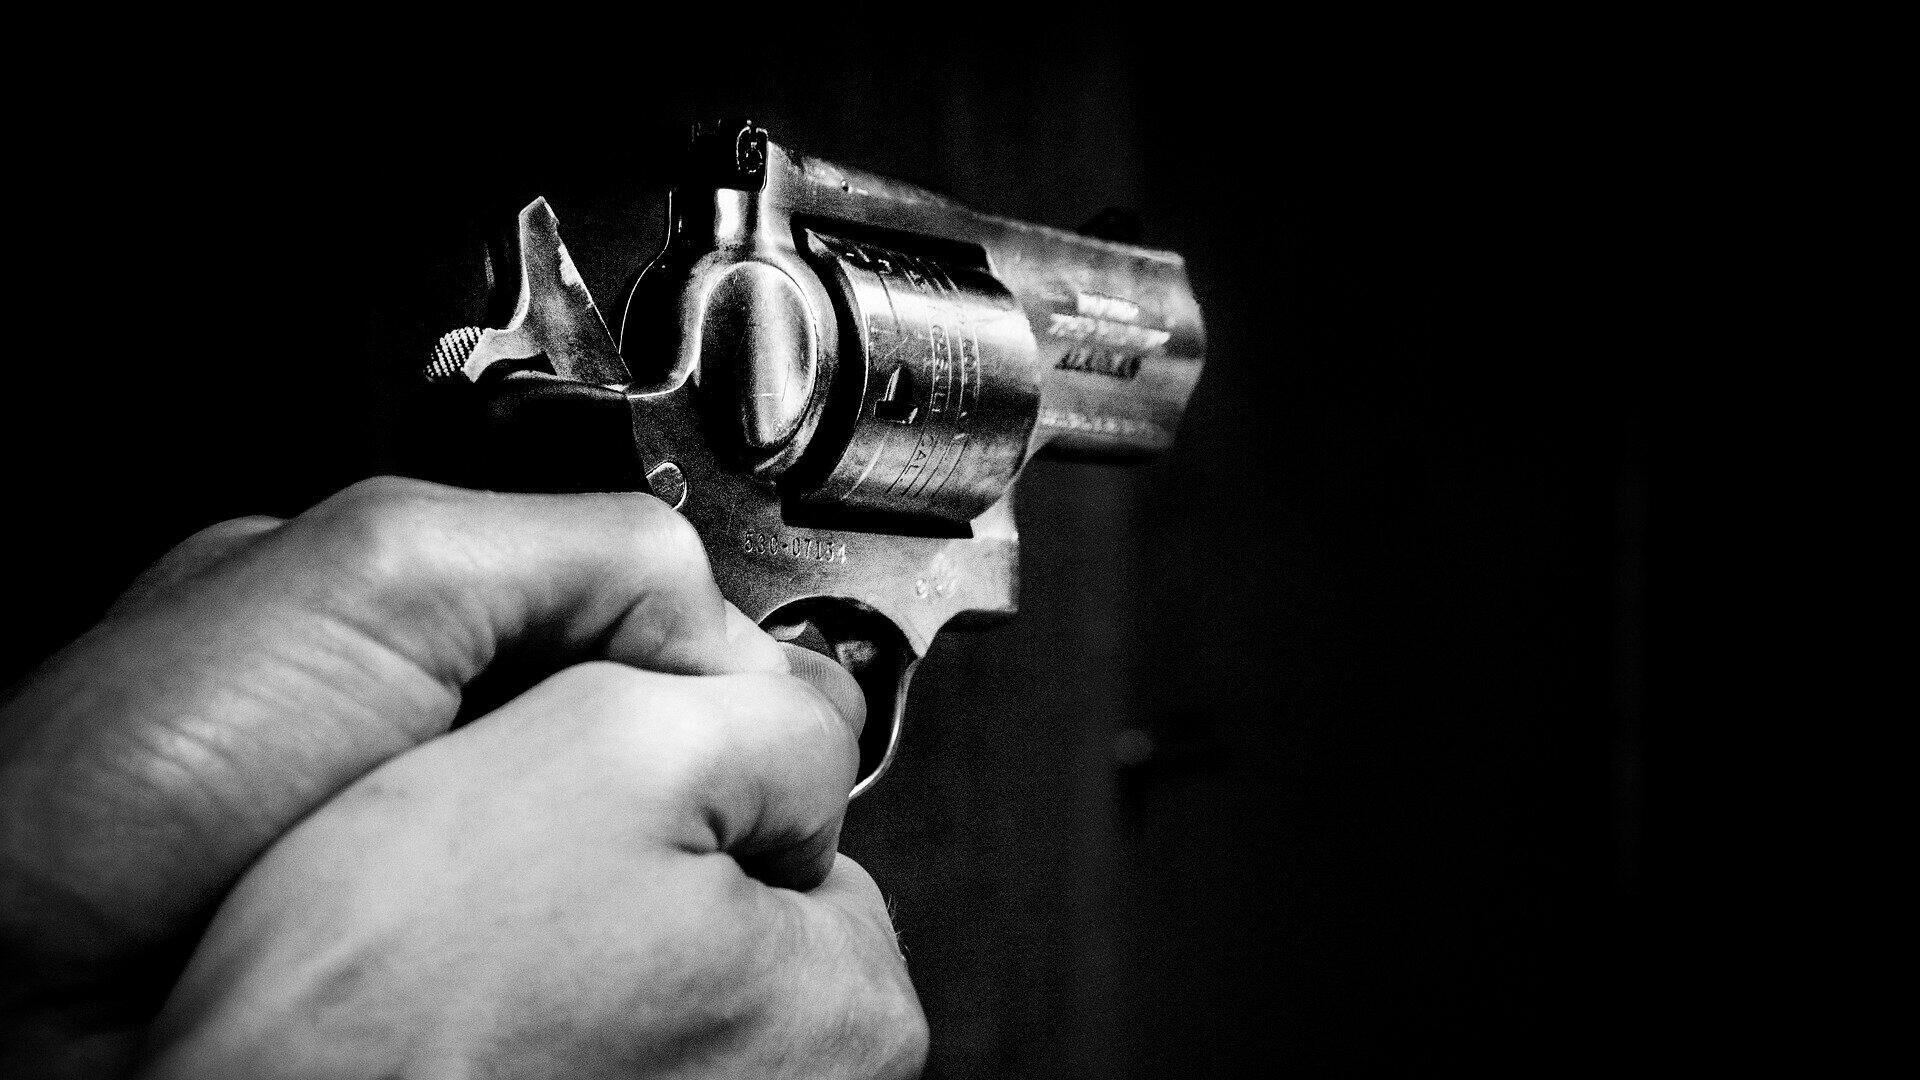 Pistole (Symbolbild) - SNA, 1920, 13.07.2021